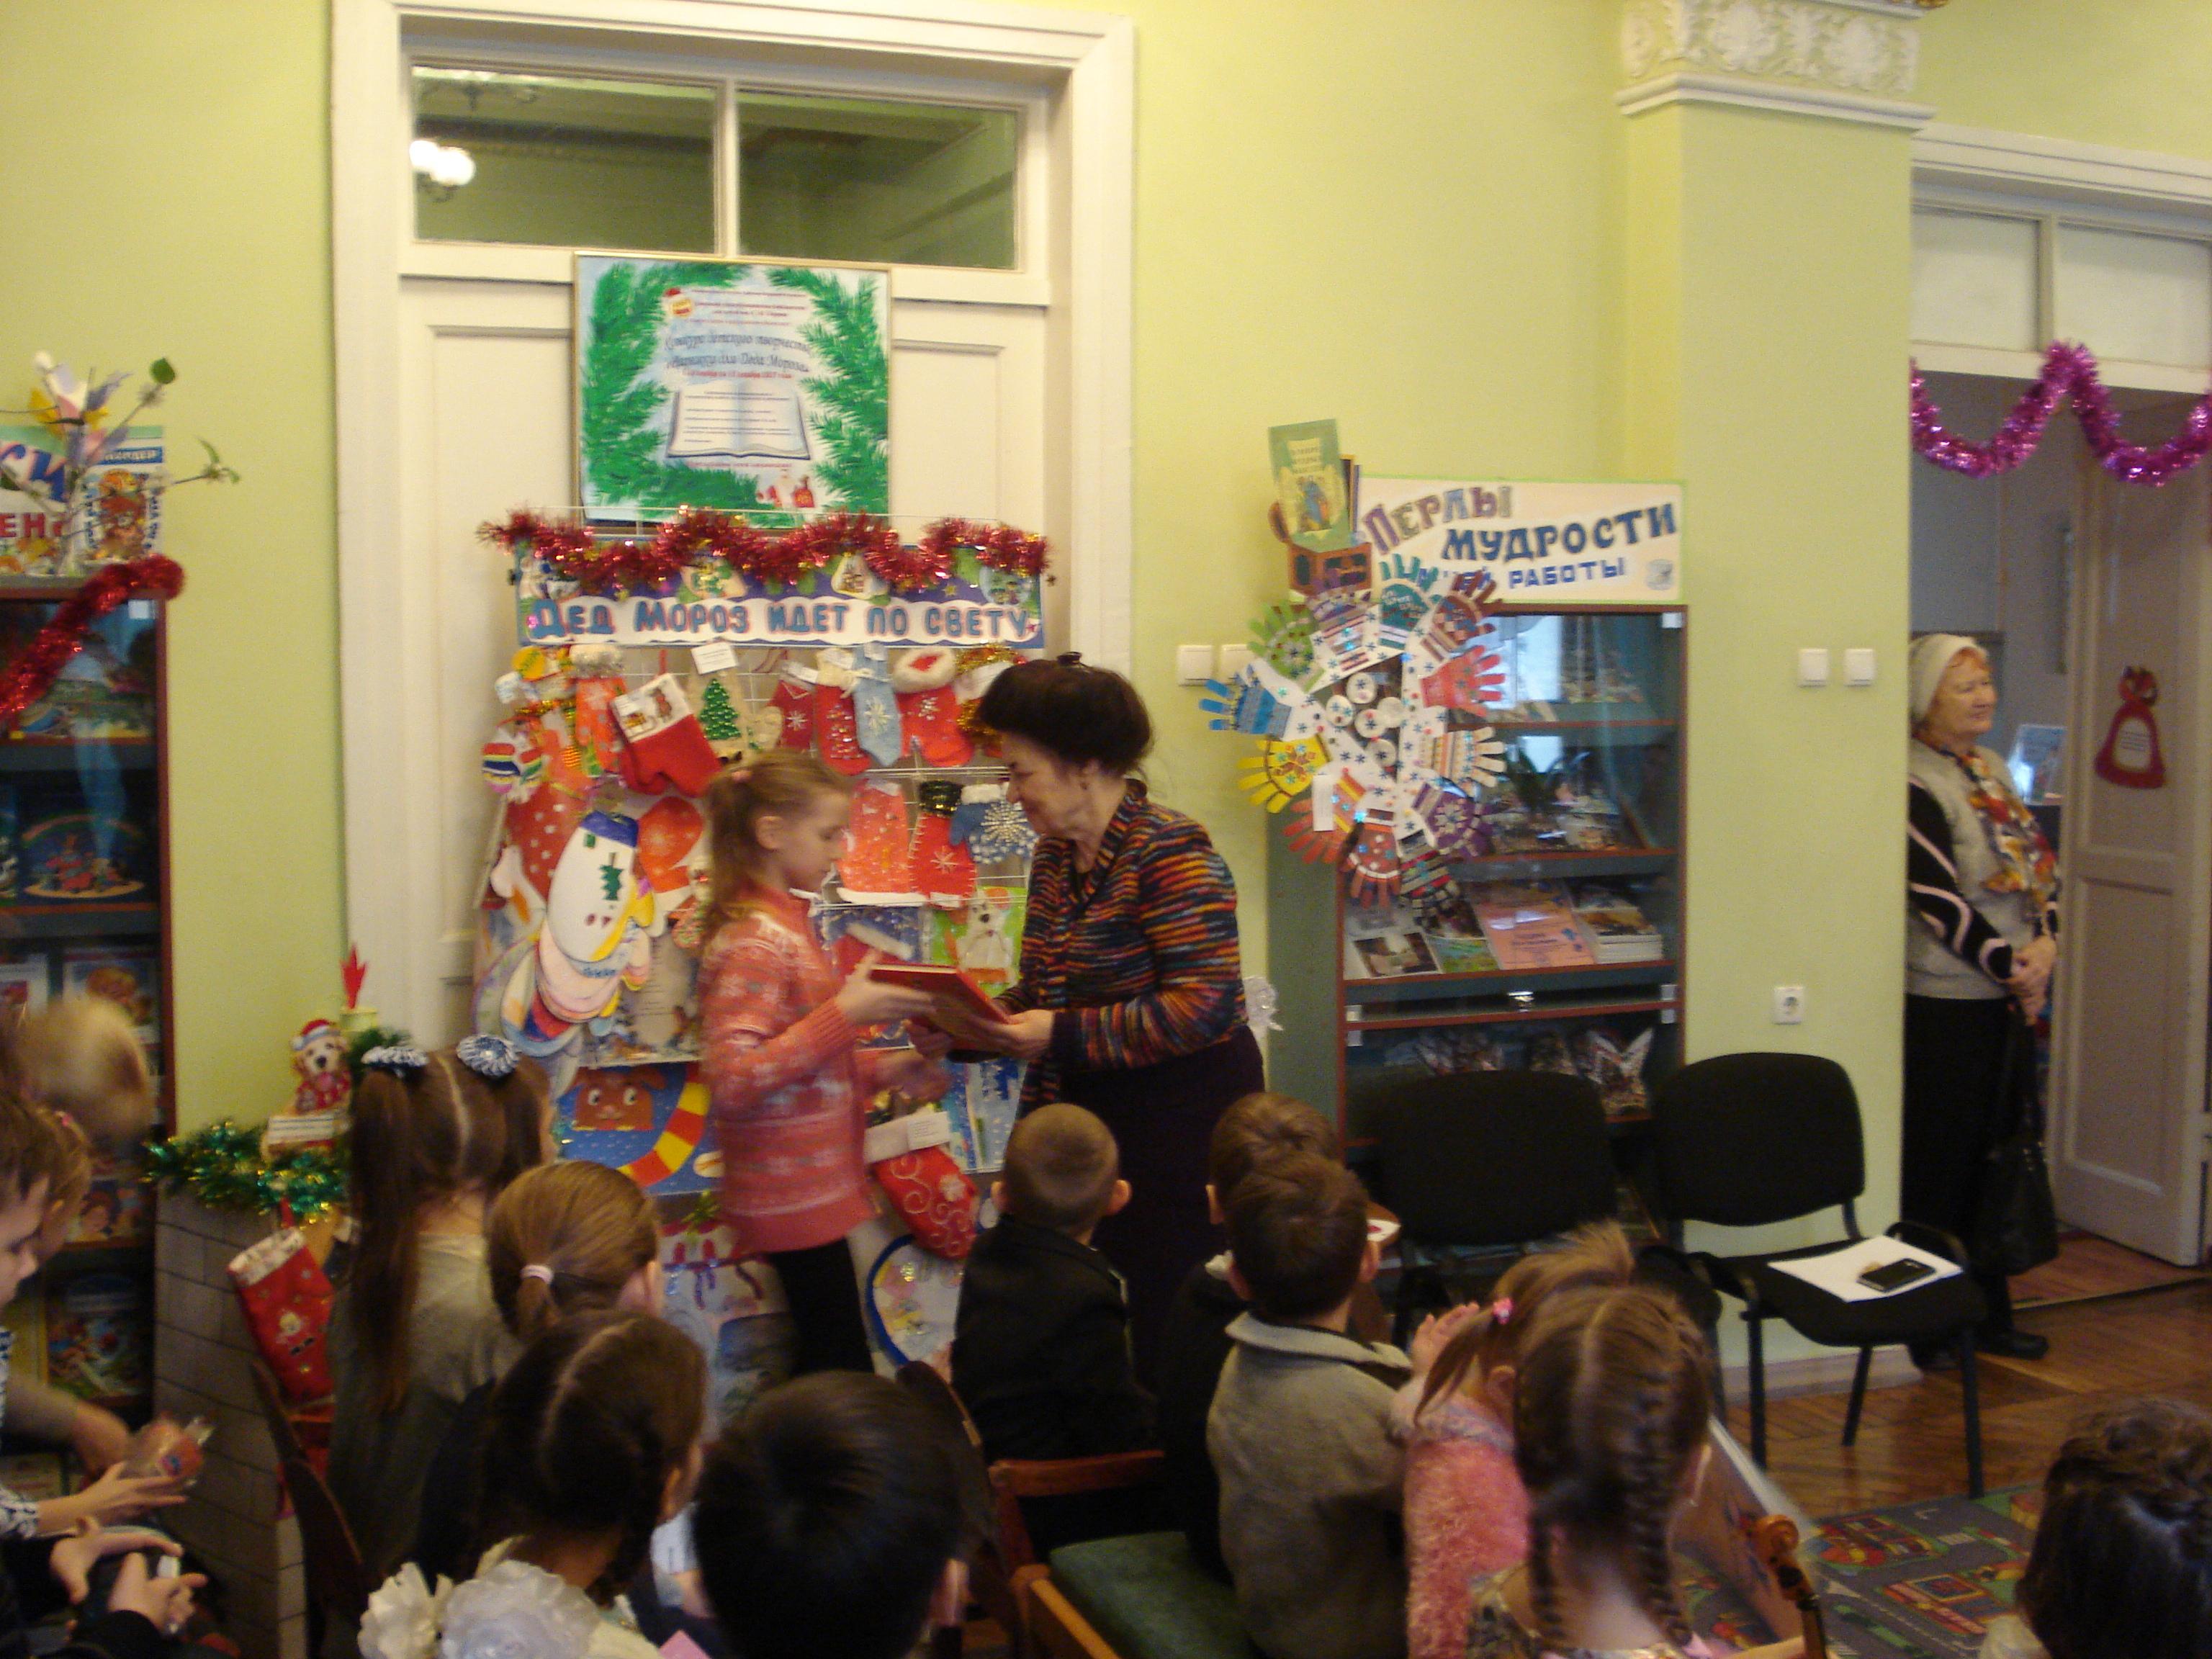 варежки деда мороза, занятия с детьми, донецкая республиканская библиотека для детей, подведение итогов конкурса